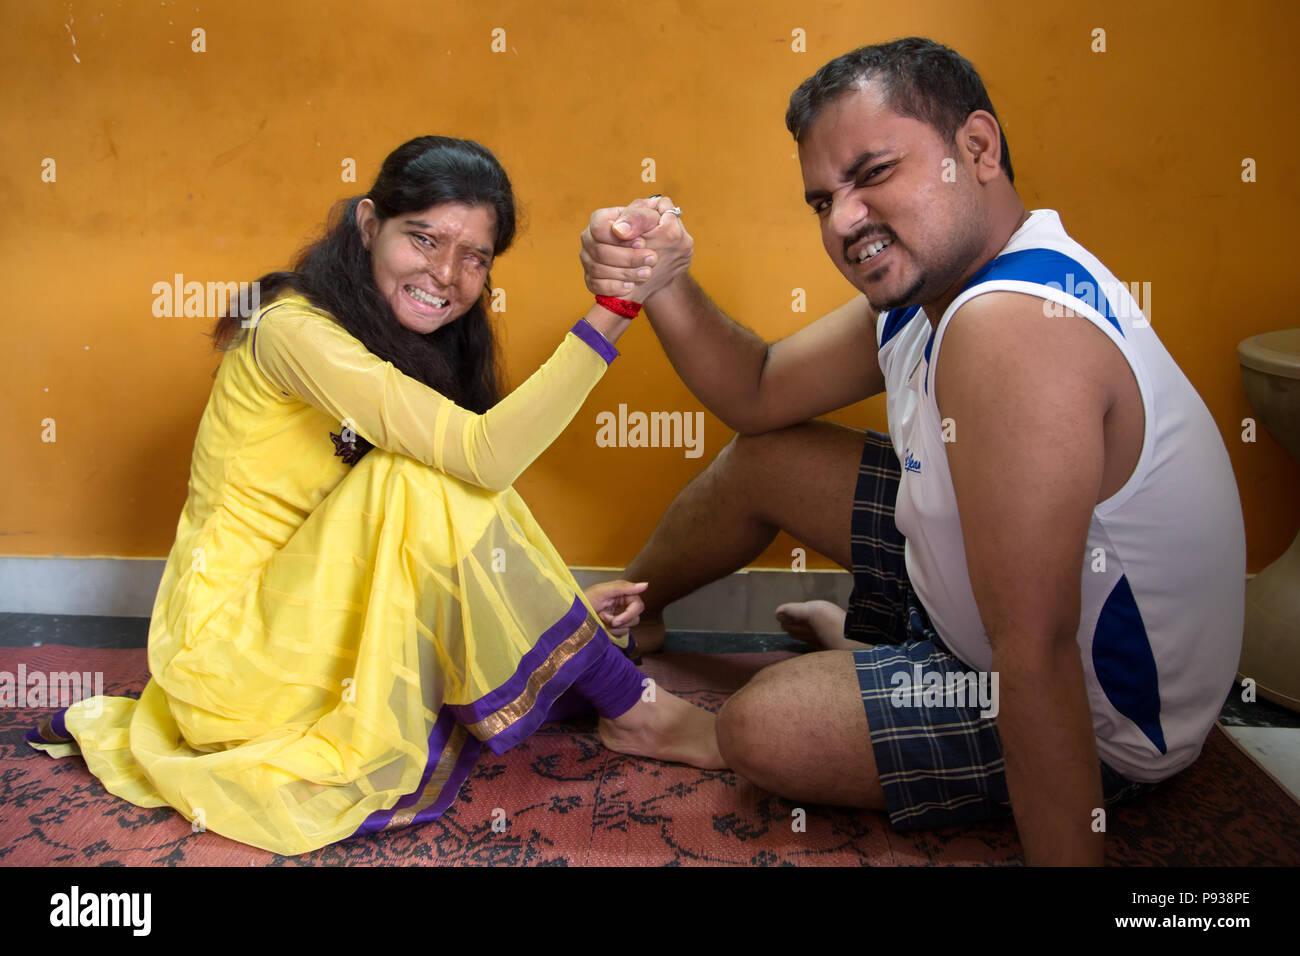 Ritu, víctima de un ataque de ácido en Delhi de detener los ataques con ácido campaña, India) Imagen De Stock